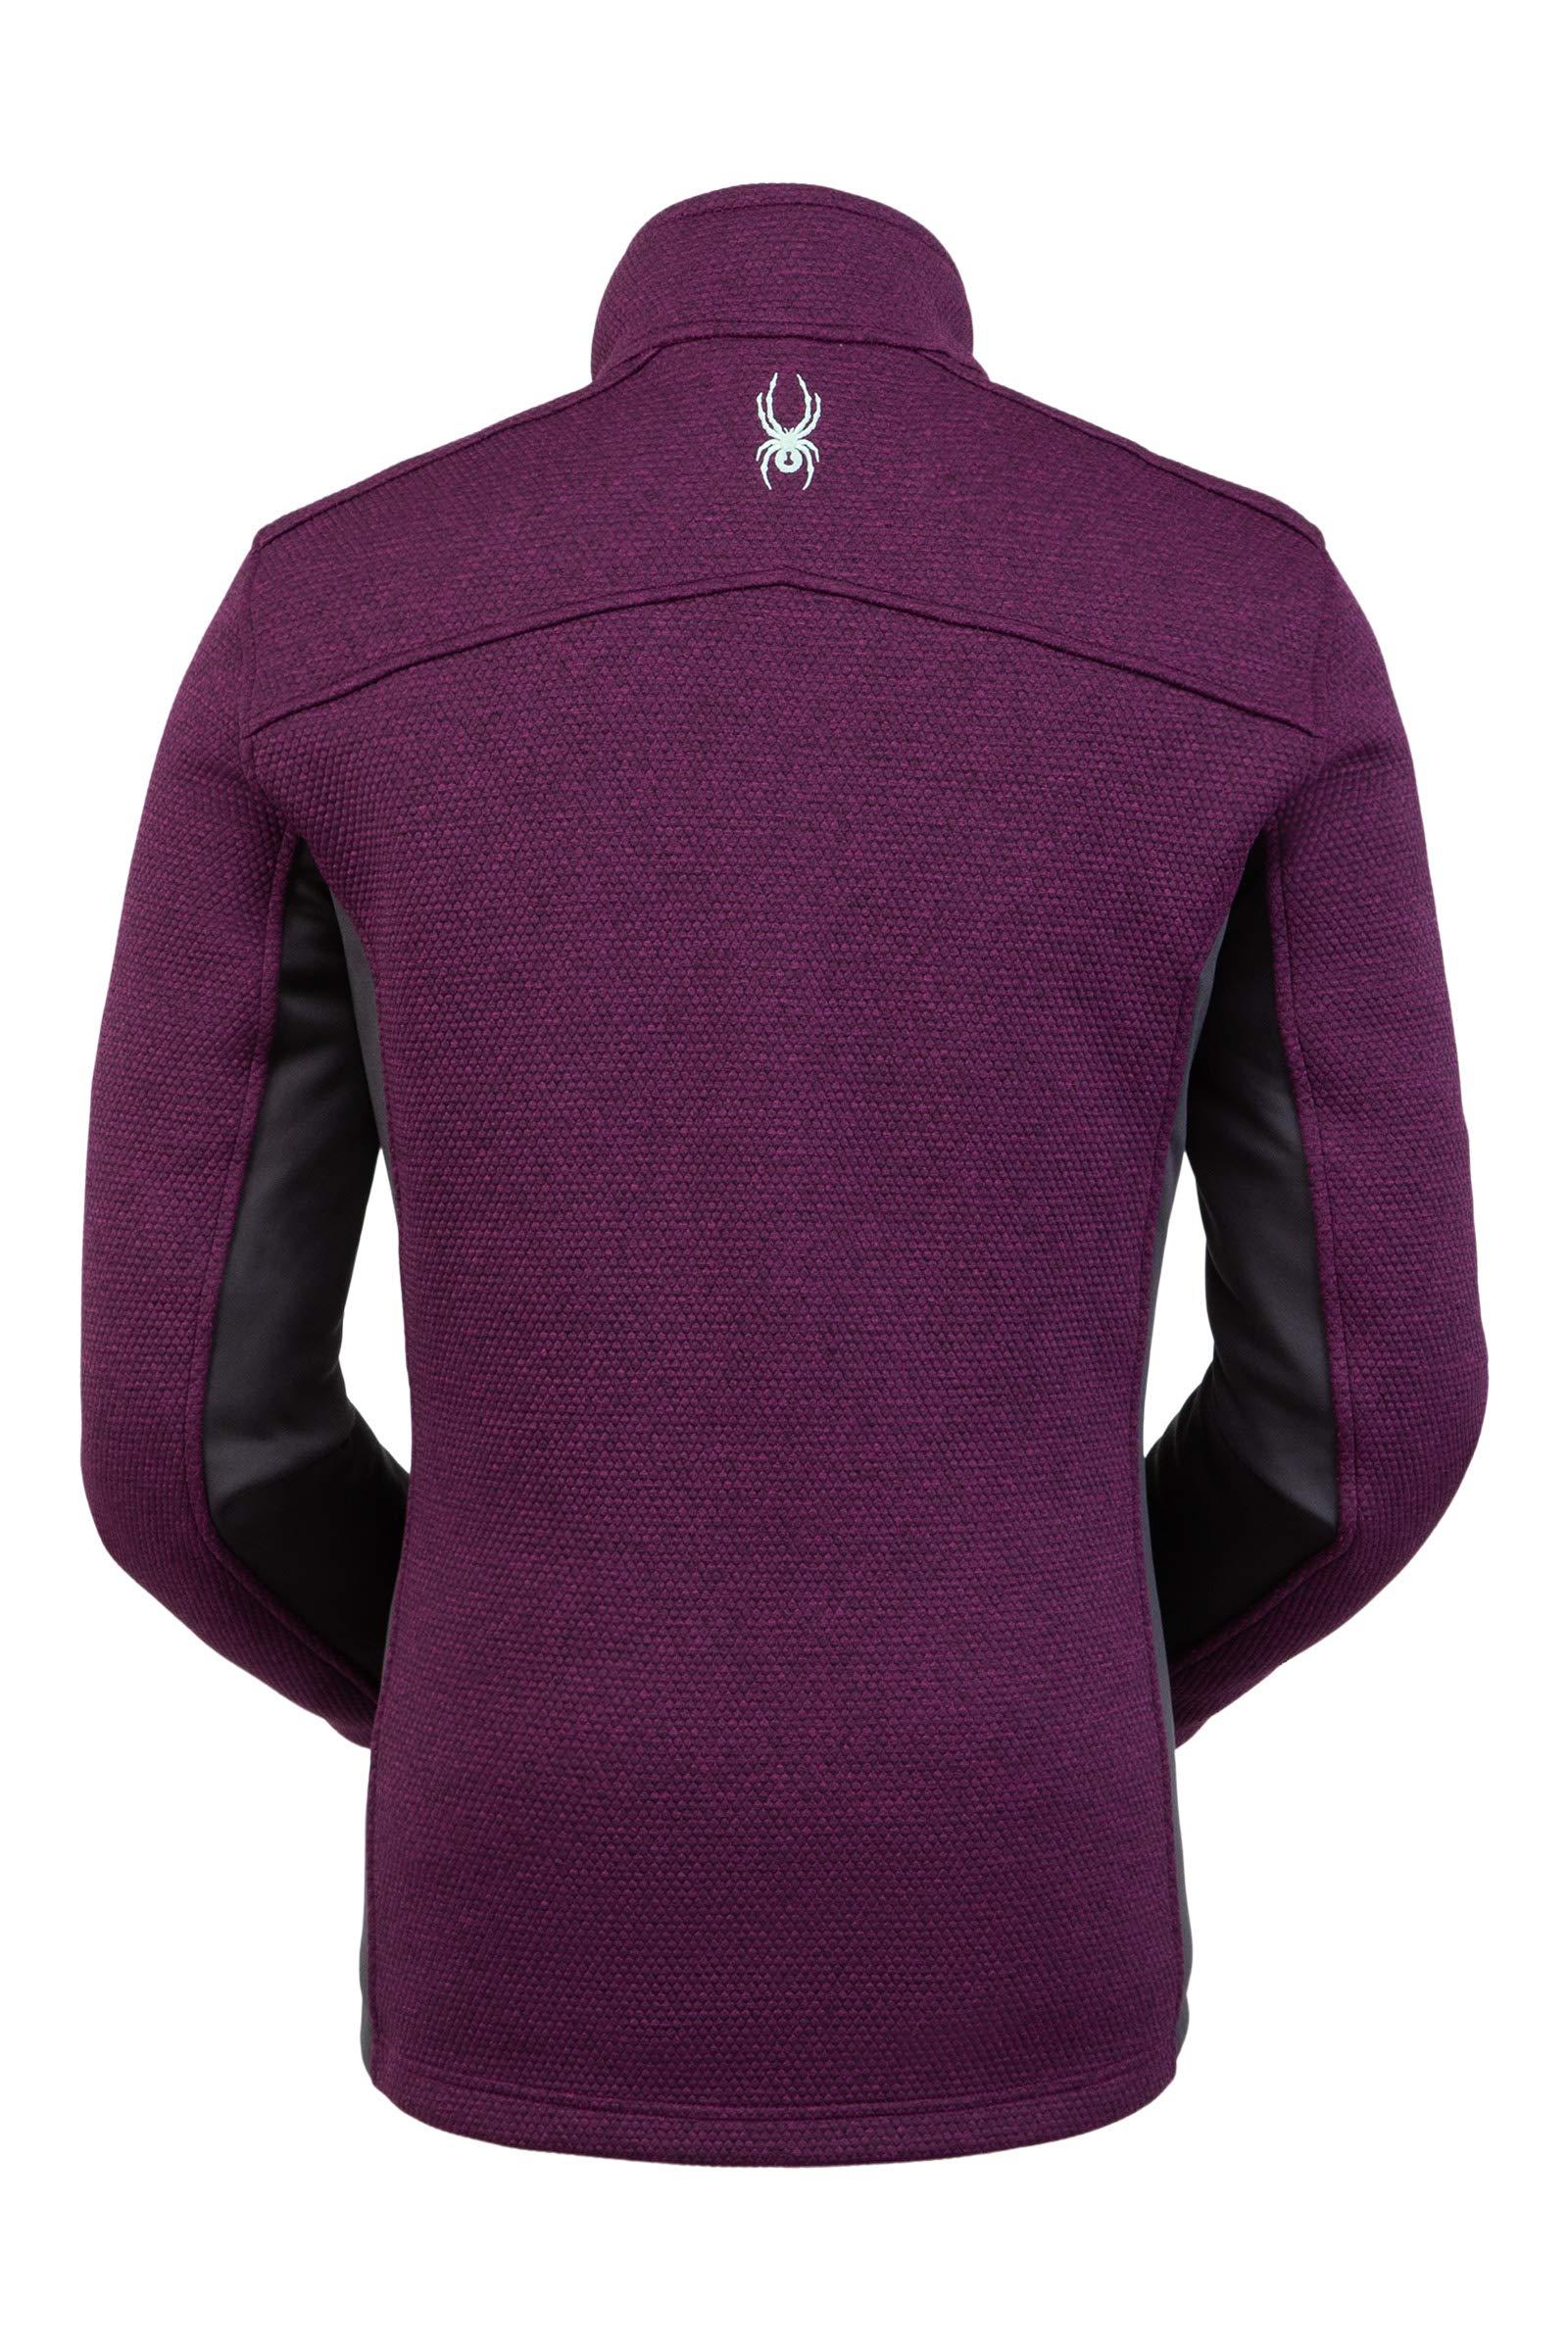 Spyder Men's Encore Fleece Jacket – Full Zip